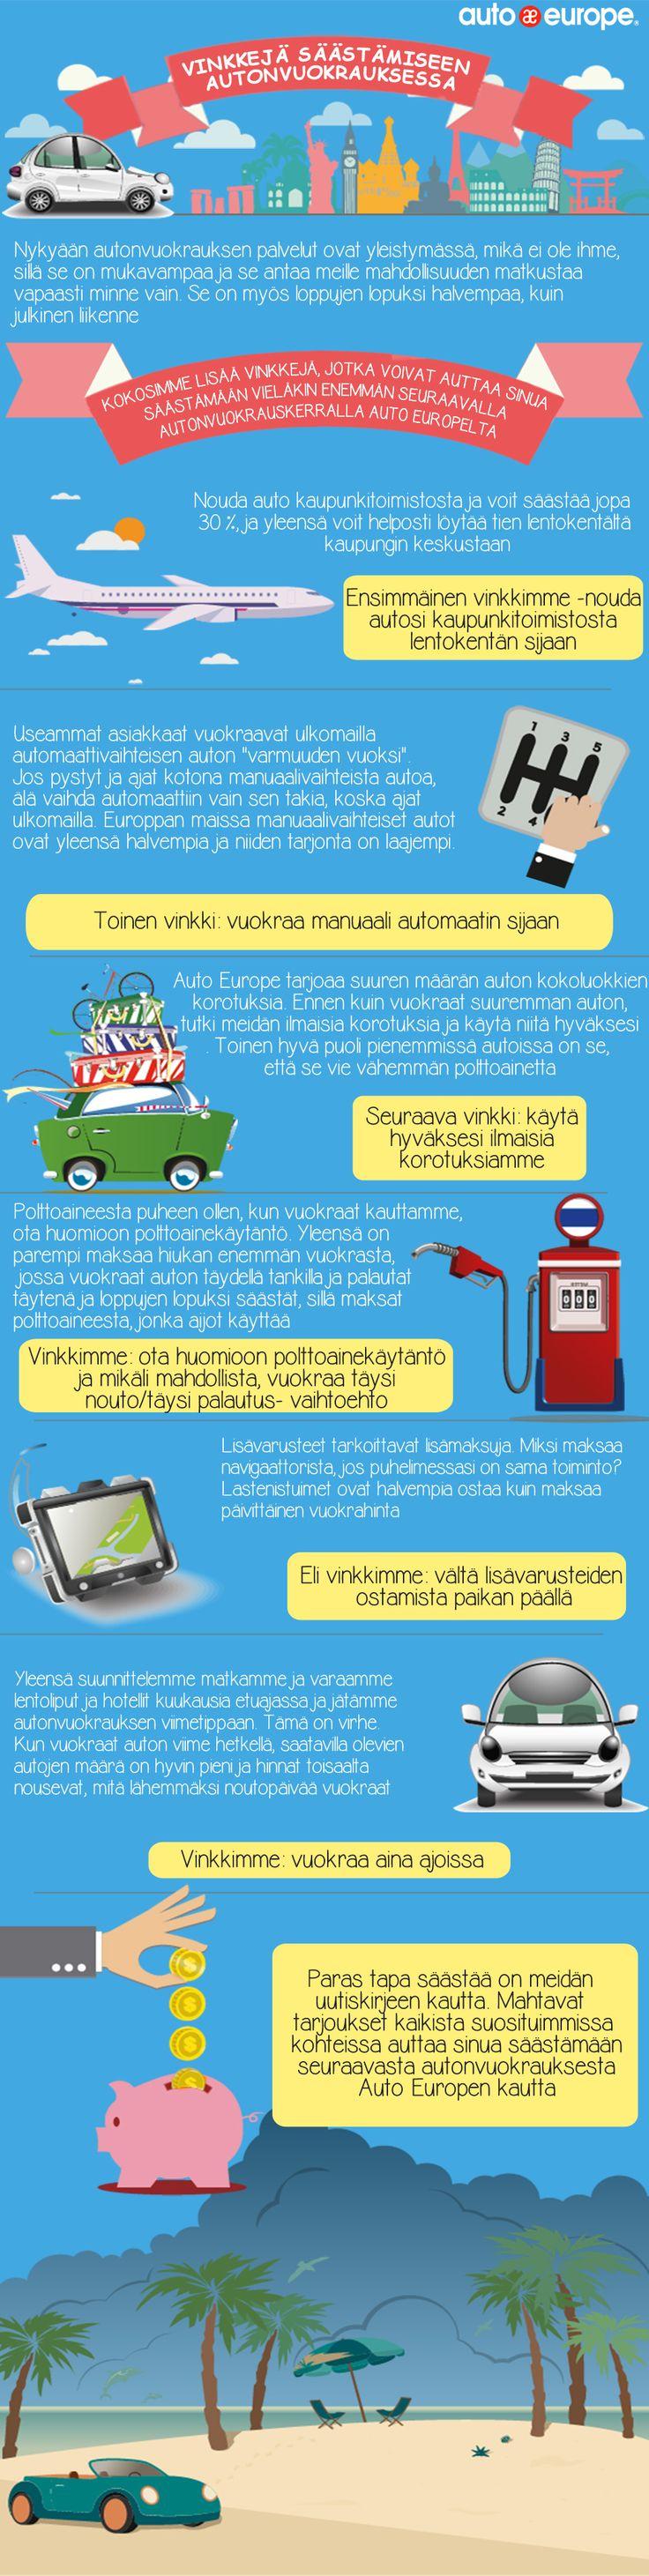 Infografiikka Vinkkejä säästämiseen autonvuokrauksessa Auto Europen kautta Muut infografiikkamme löydät täältä